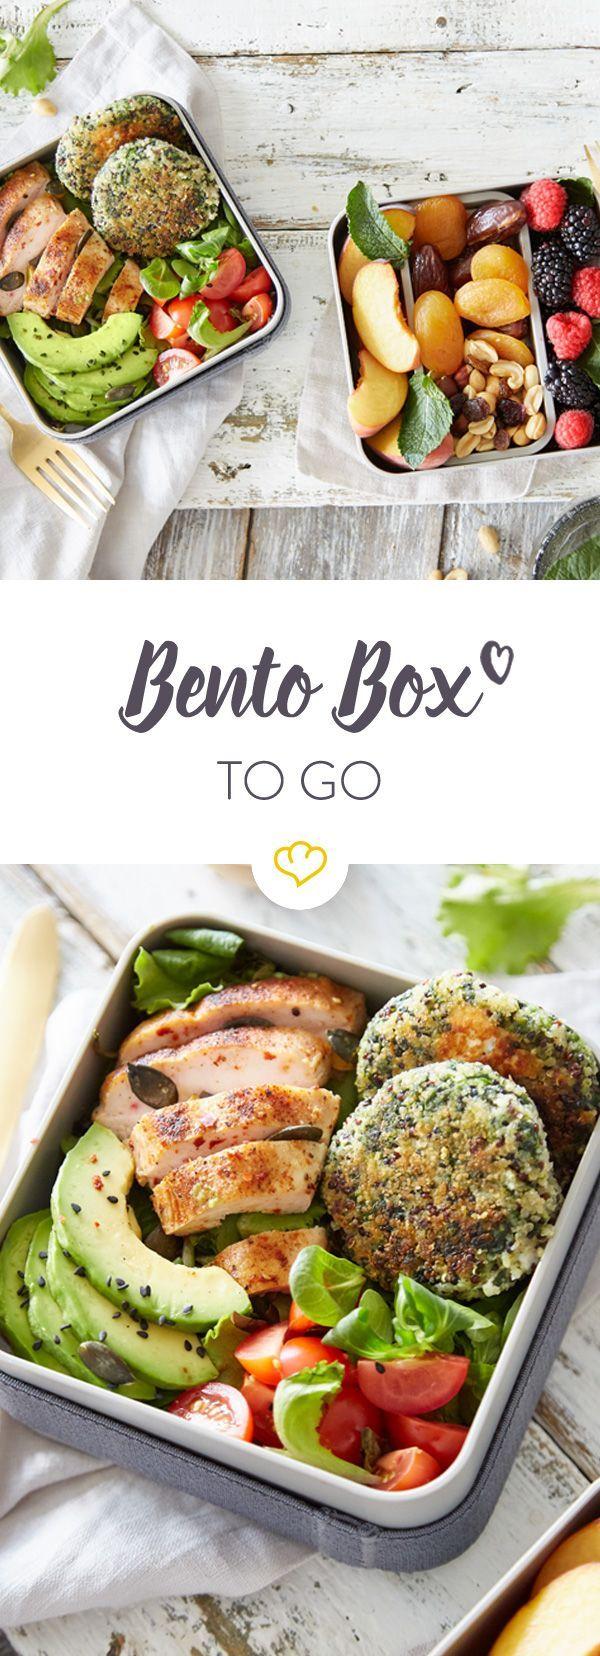 Langweiler-Lunch war gestern! In deiner Bento Box kannst du von Salat bis Obst alles, was du magst, kombinieren, mitnehmen und mittags gesund schlemmen.